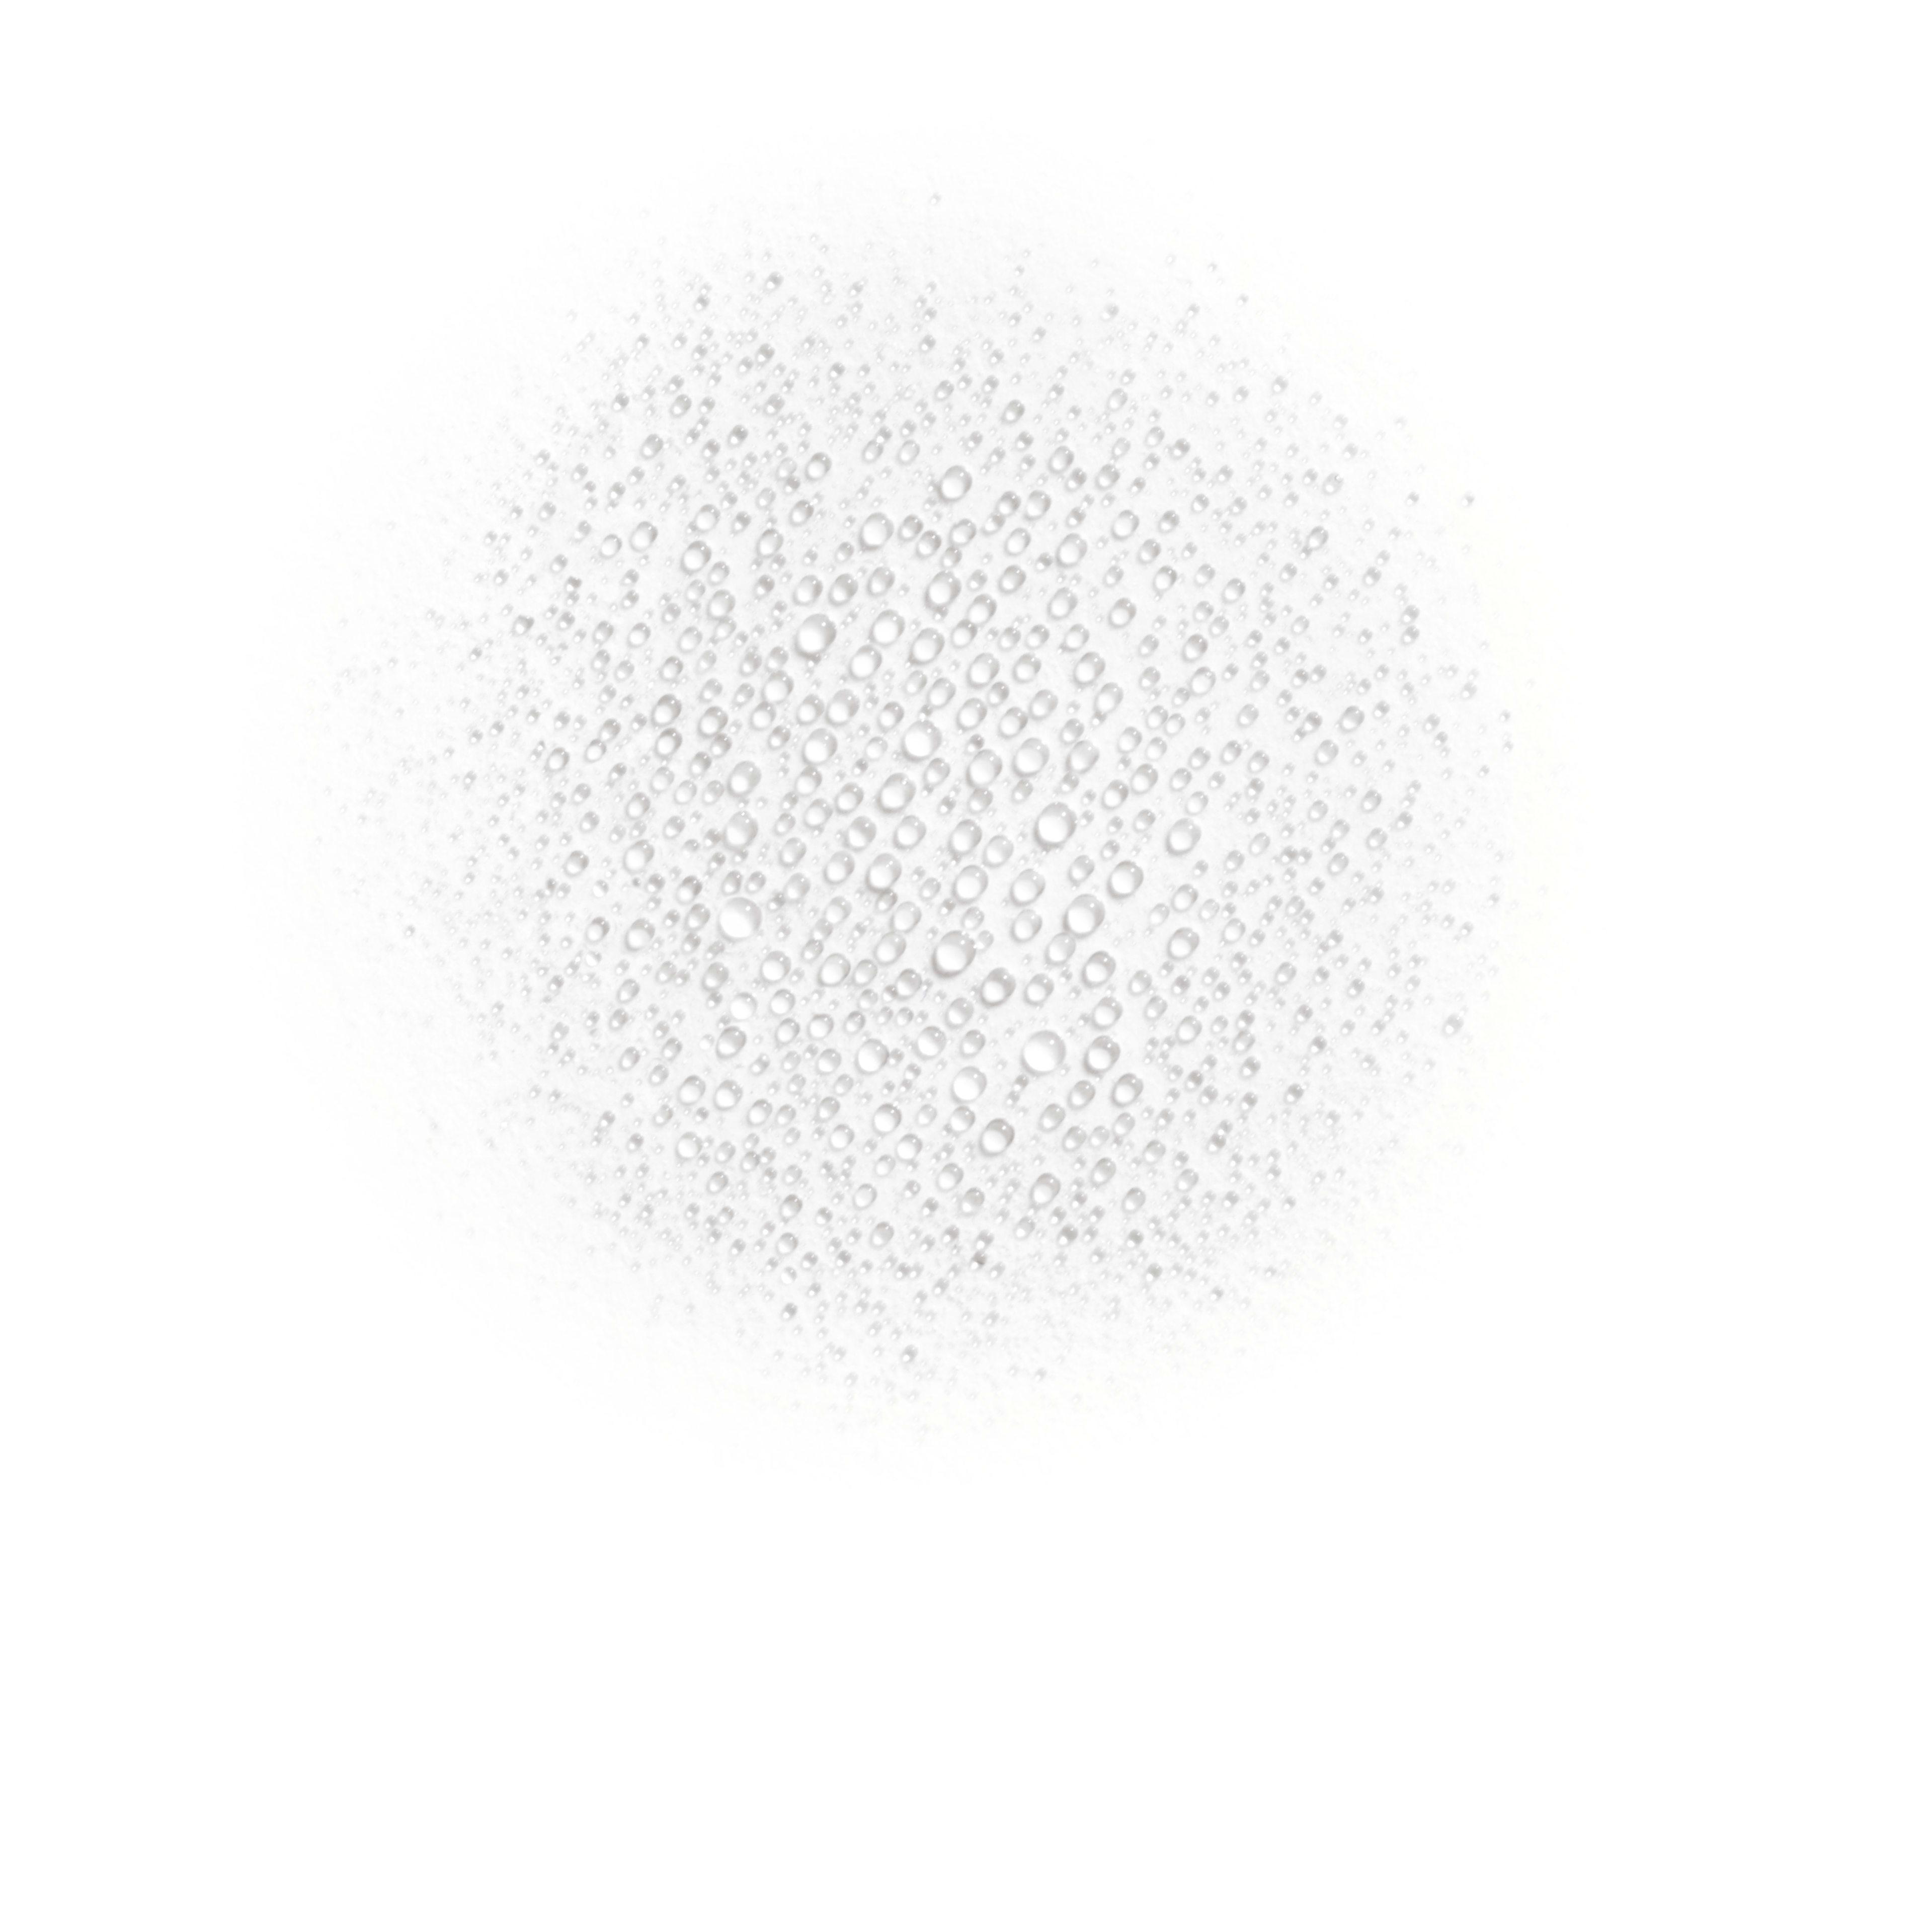 D-POLLUTION ESSENTIEL - skincare - 50ml - Просмотр основной текстуры